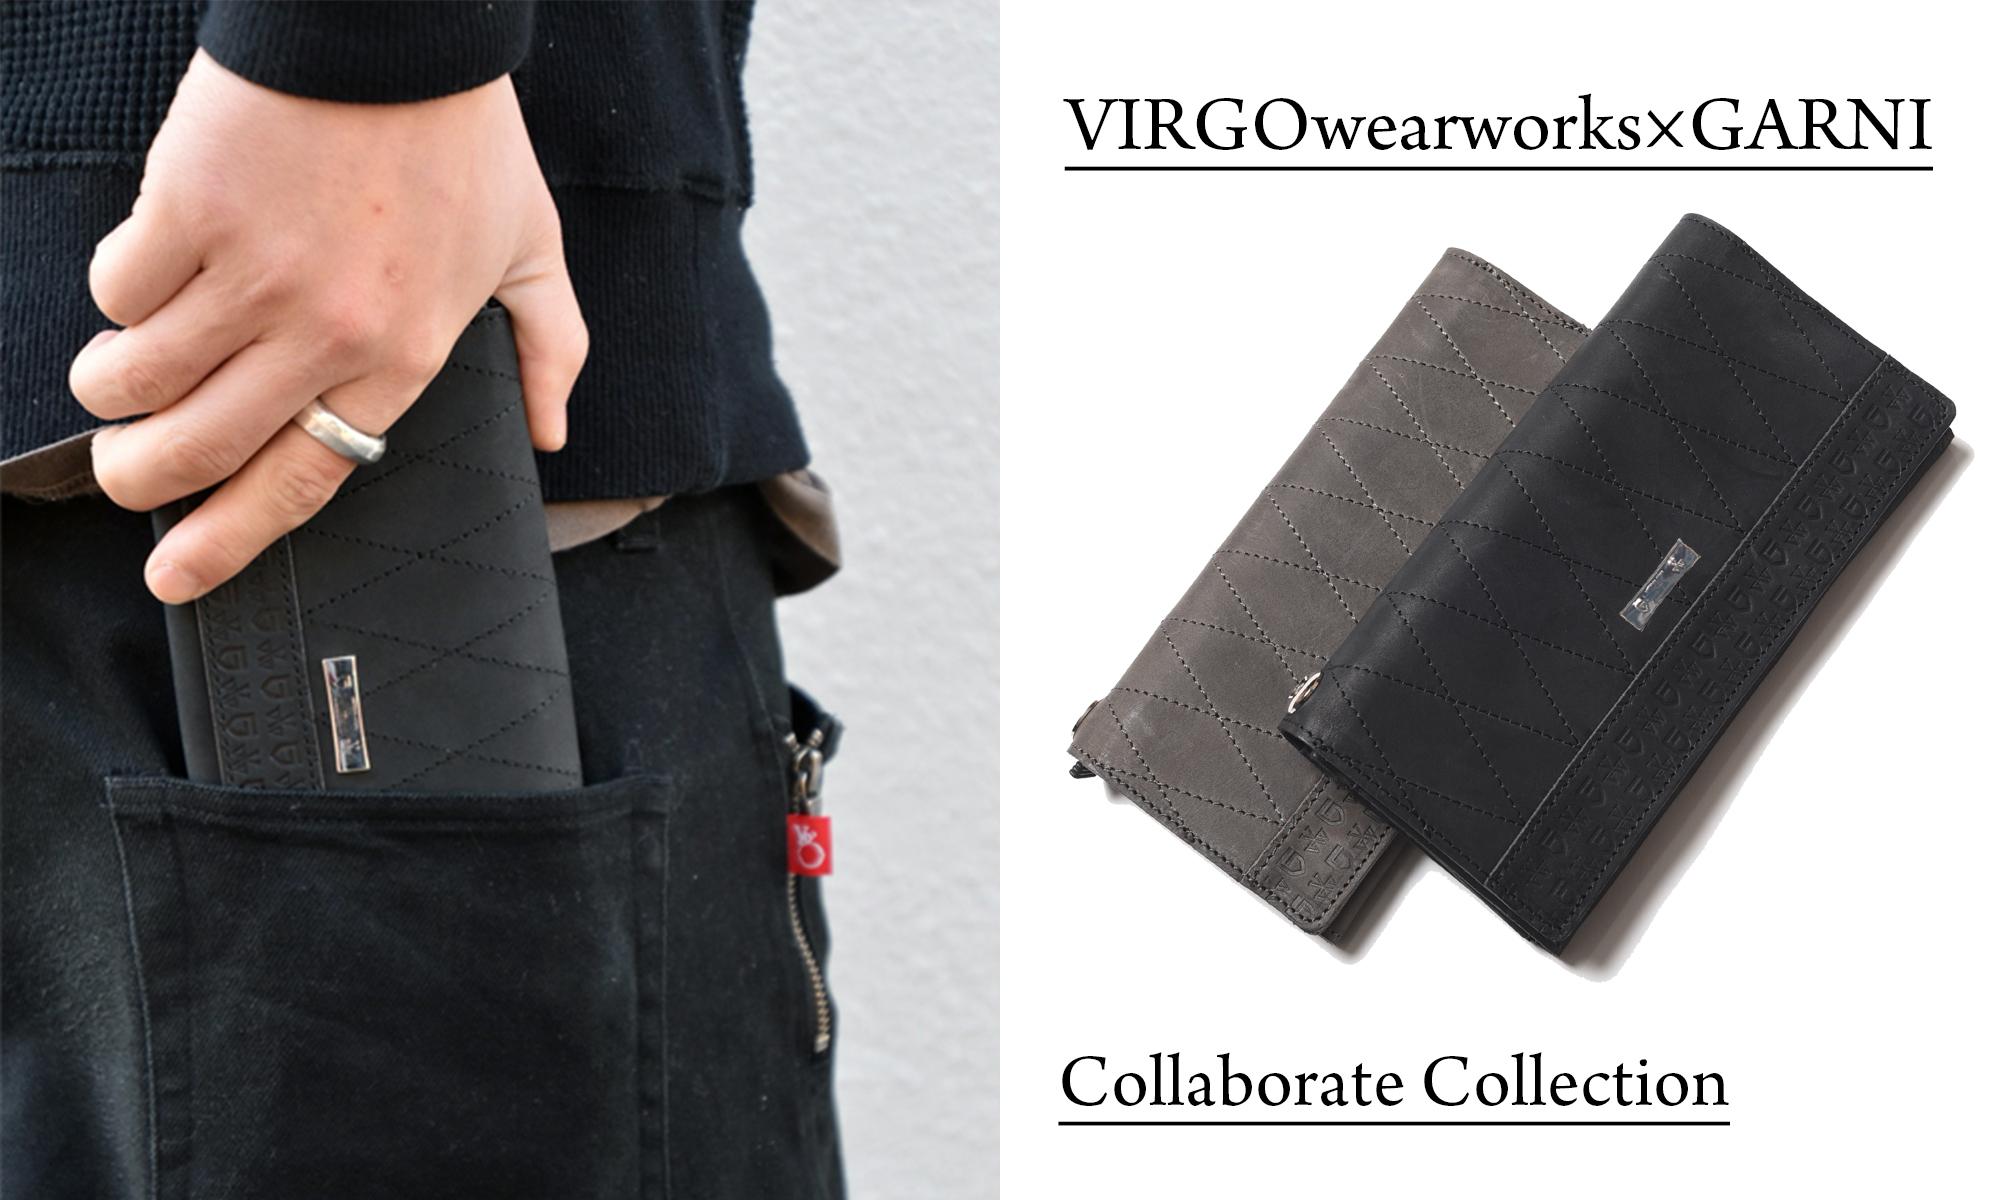 15周年を祝うファン必見の名作が誕生 VIRGOwearworks×GARNI -Collaborate Collection-